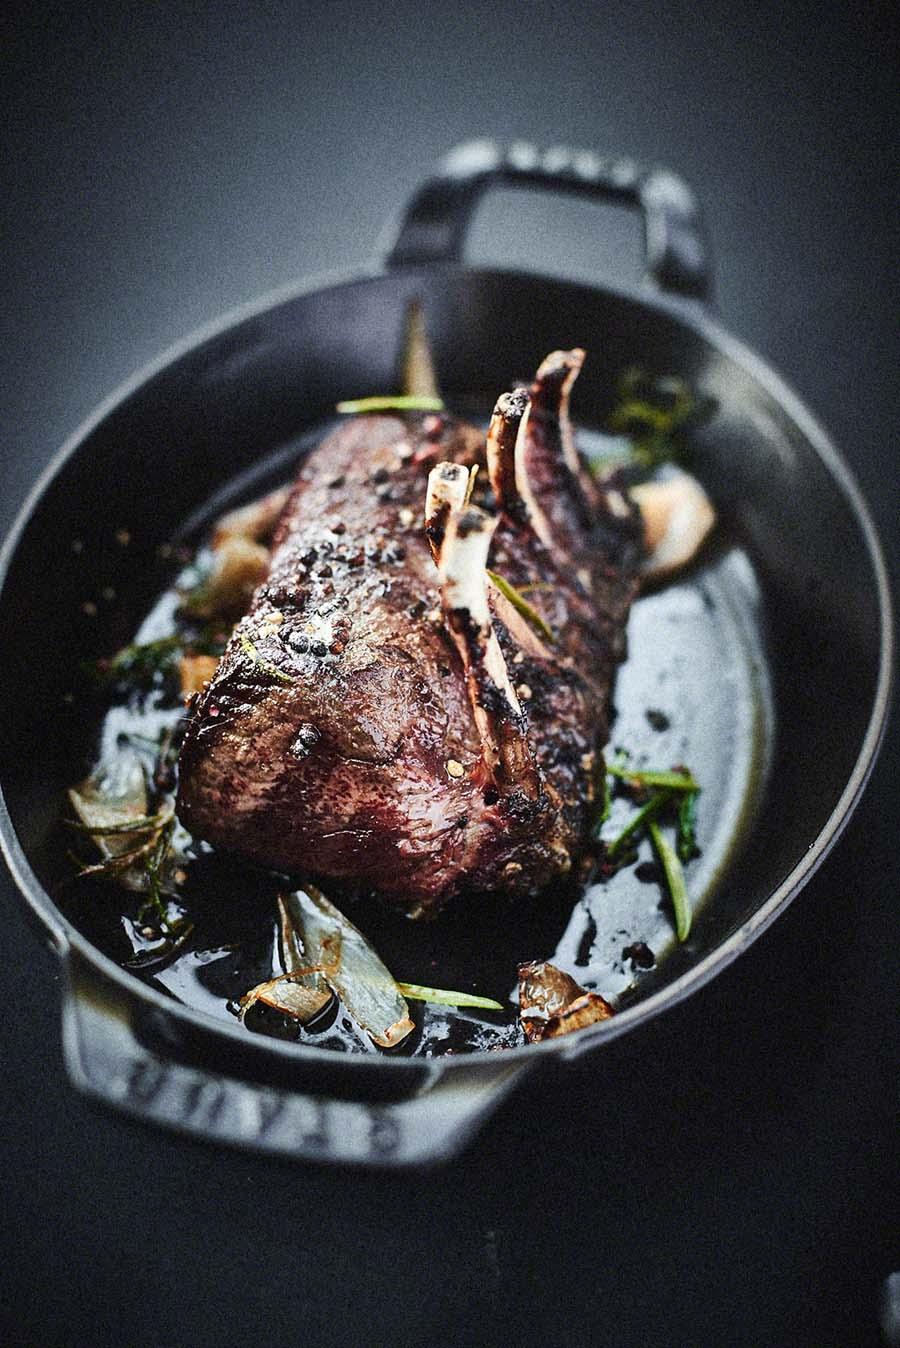 Hirschrücken - Foodfotografie für das Kochbuch WILD von Harald und Maximilian Rüssel